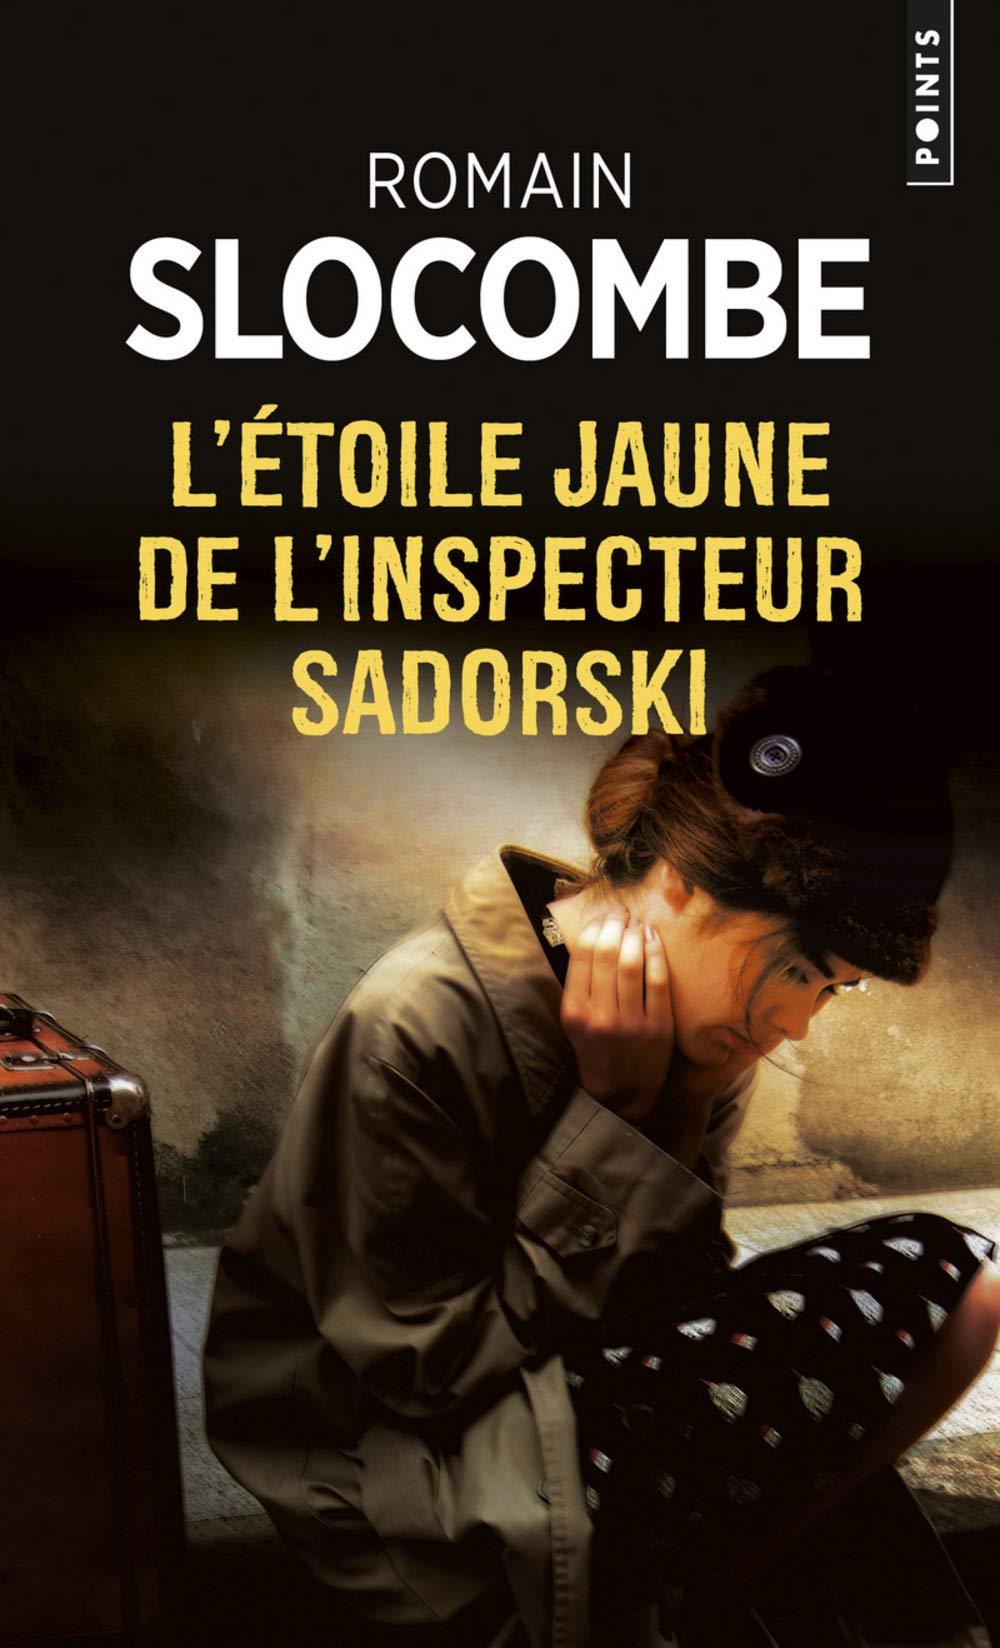 """Résultat de recherche d'images pour """"etoile jaune sadorski"""""""